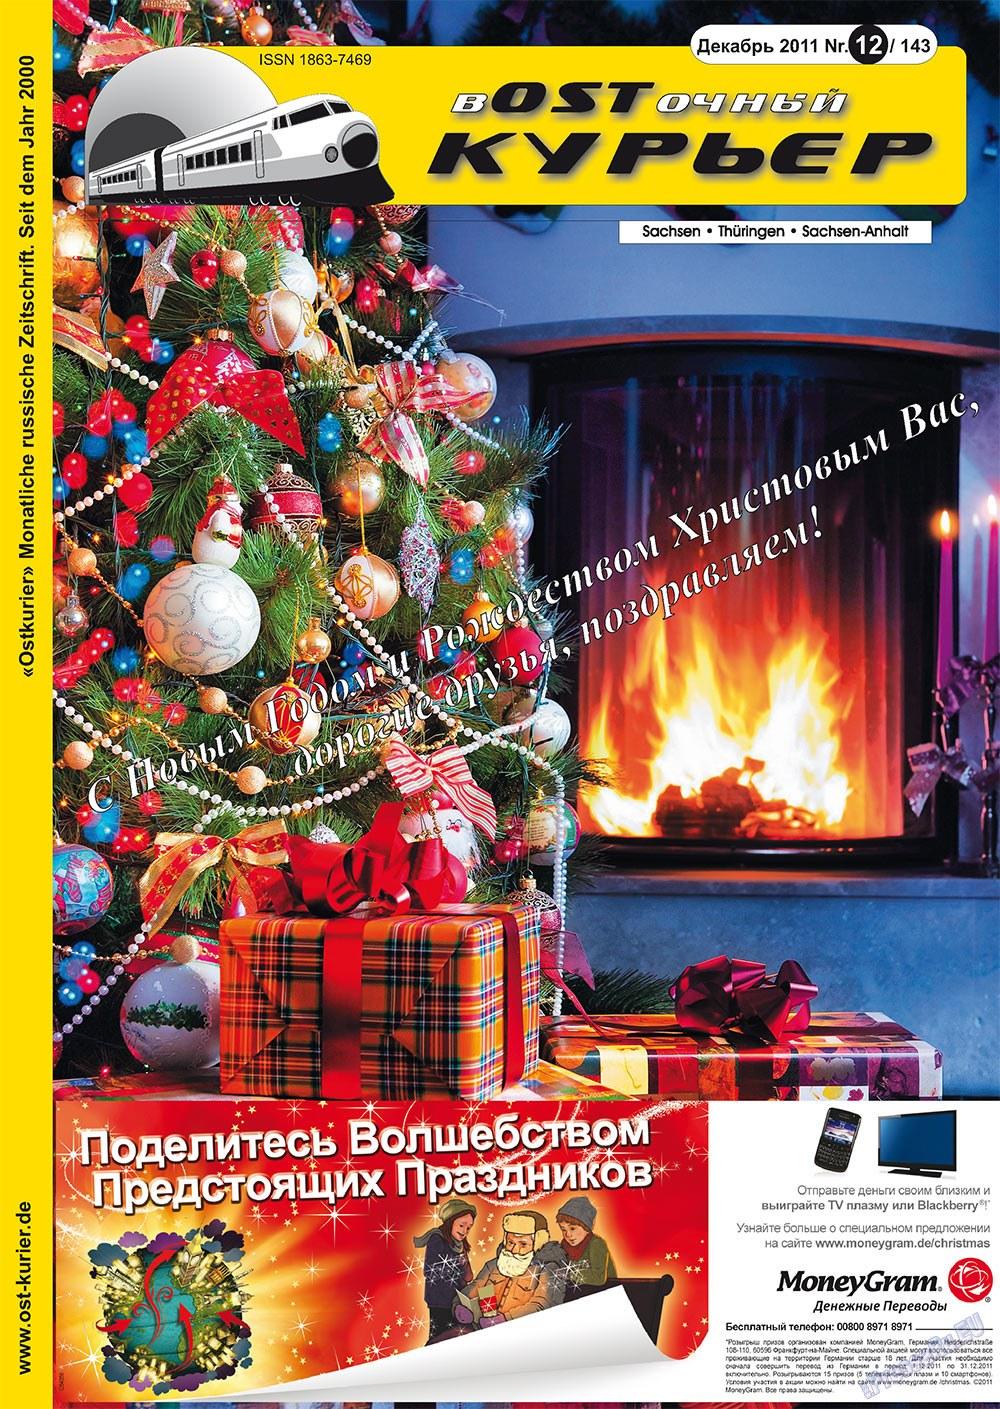 Восточный курьер (журнал). 2011 год, номер 12, стр. 1